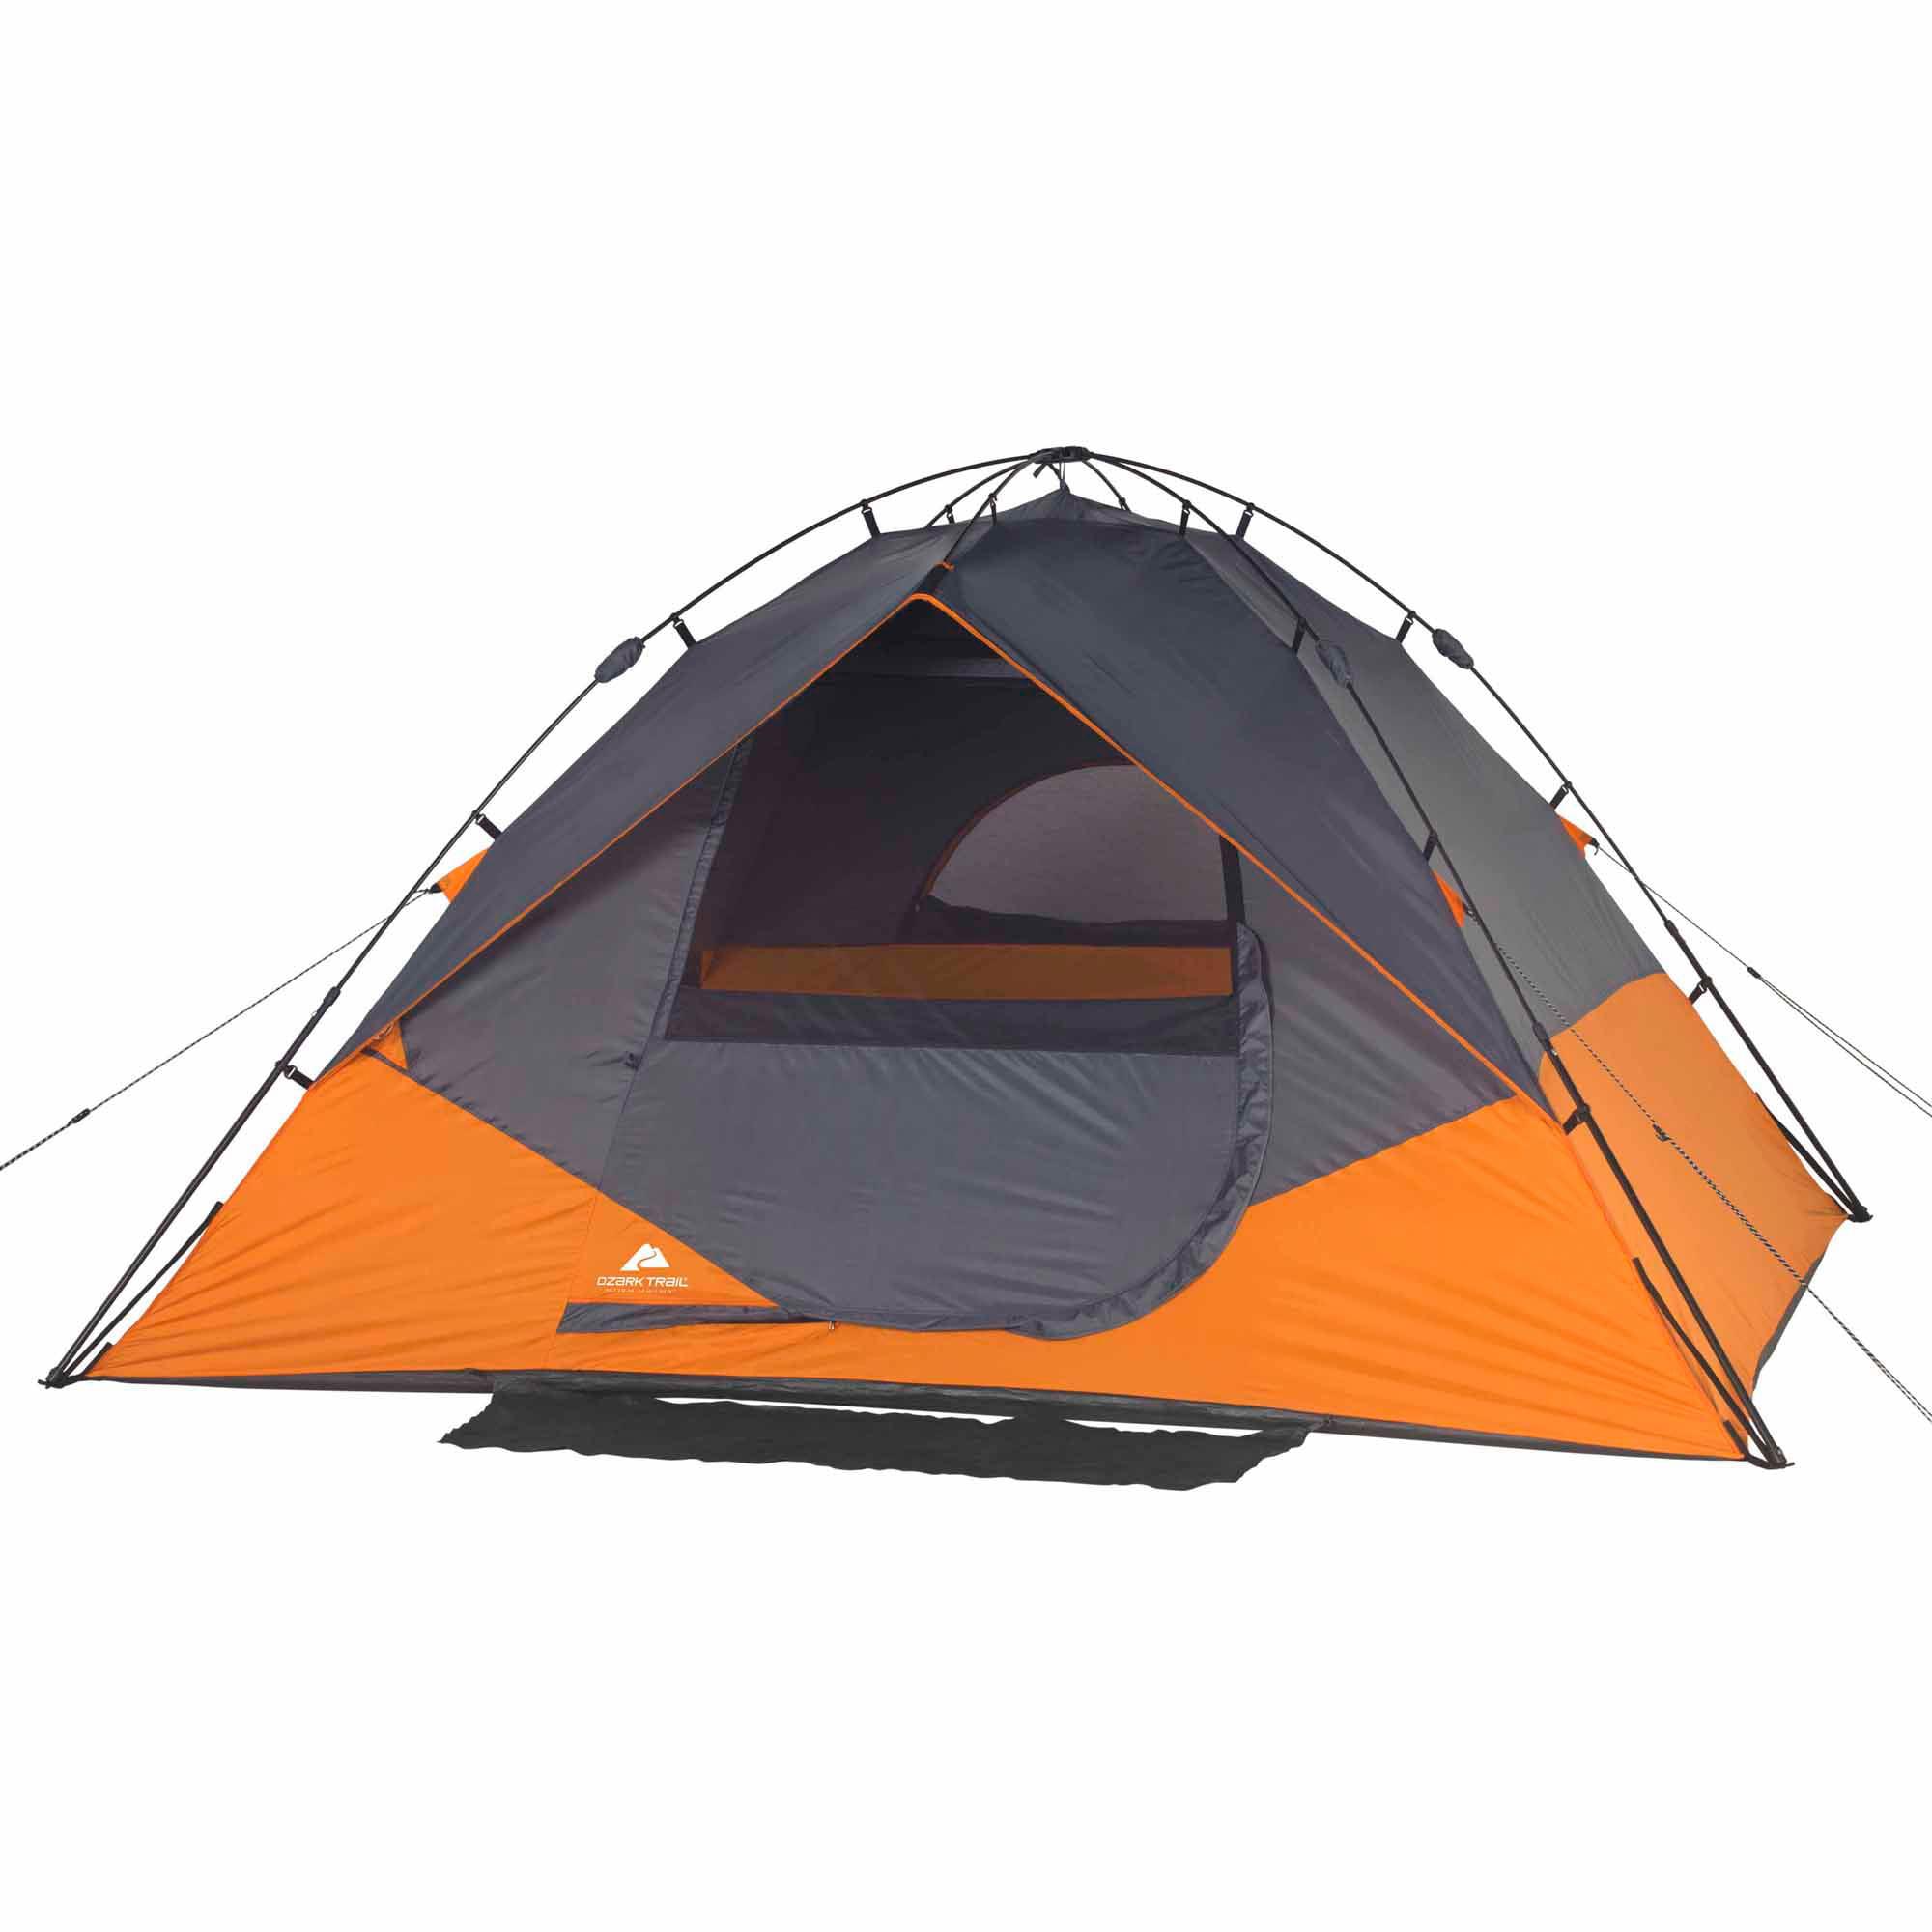 sc 1 st  Walmart & Ozark Trail 10x9 Tent - Walmart.com